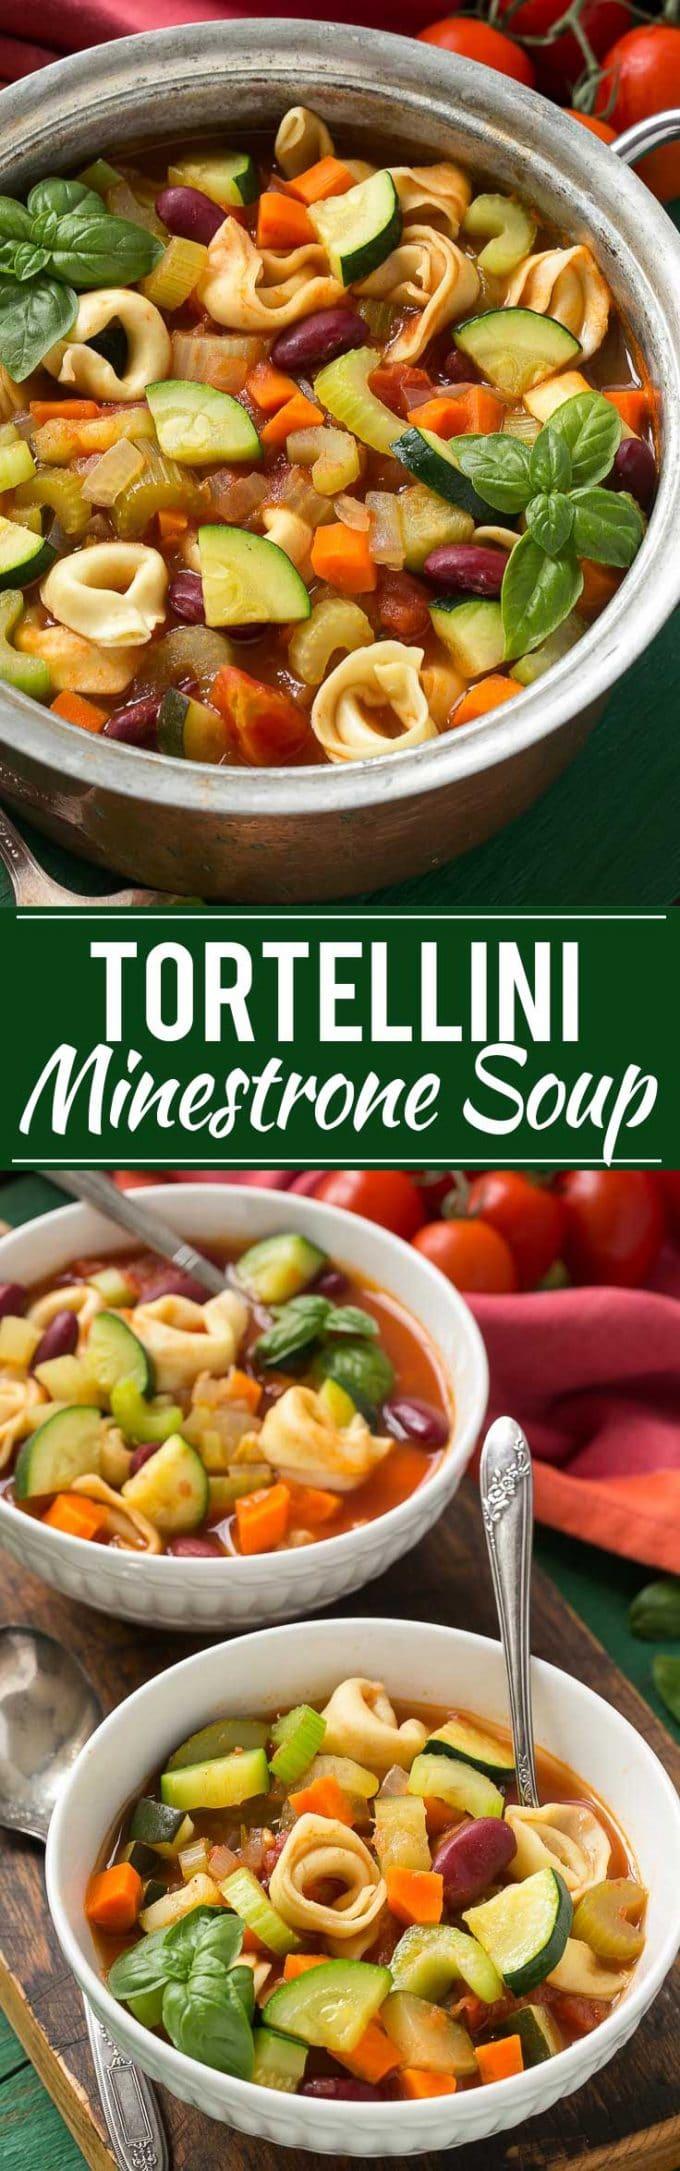 Tortellini Minestrone Soup Recipe | Pasta Minestrone Soup | Italian Pasta Minestrone Soup | Tortellini Minestrone Soup